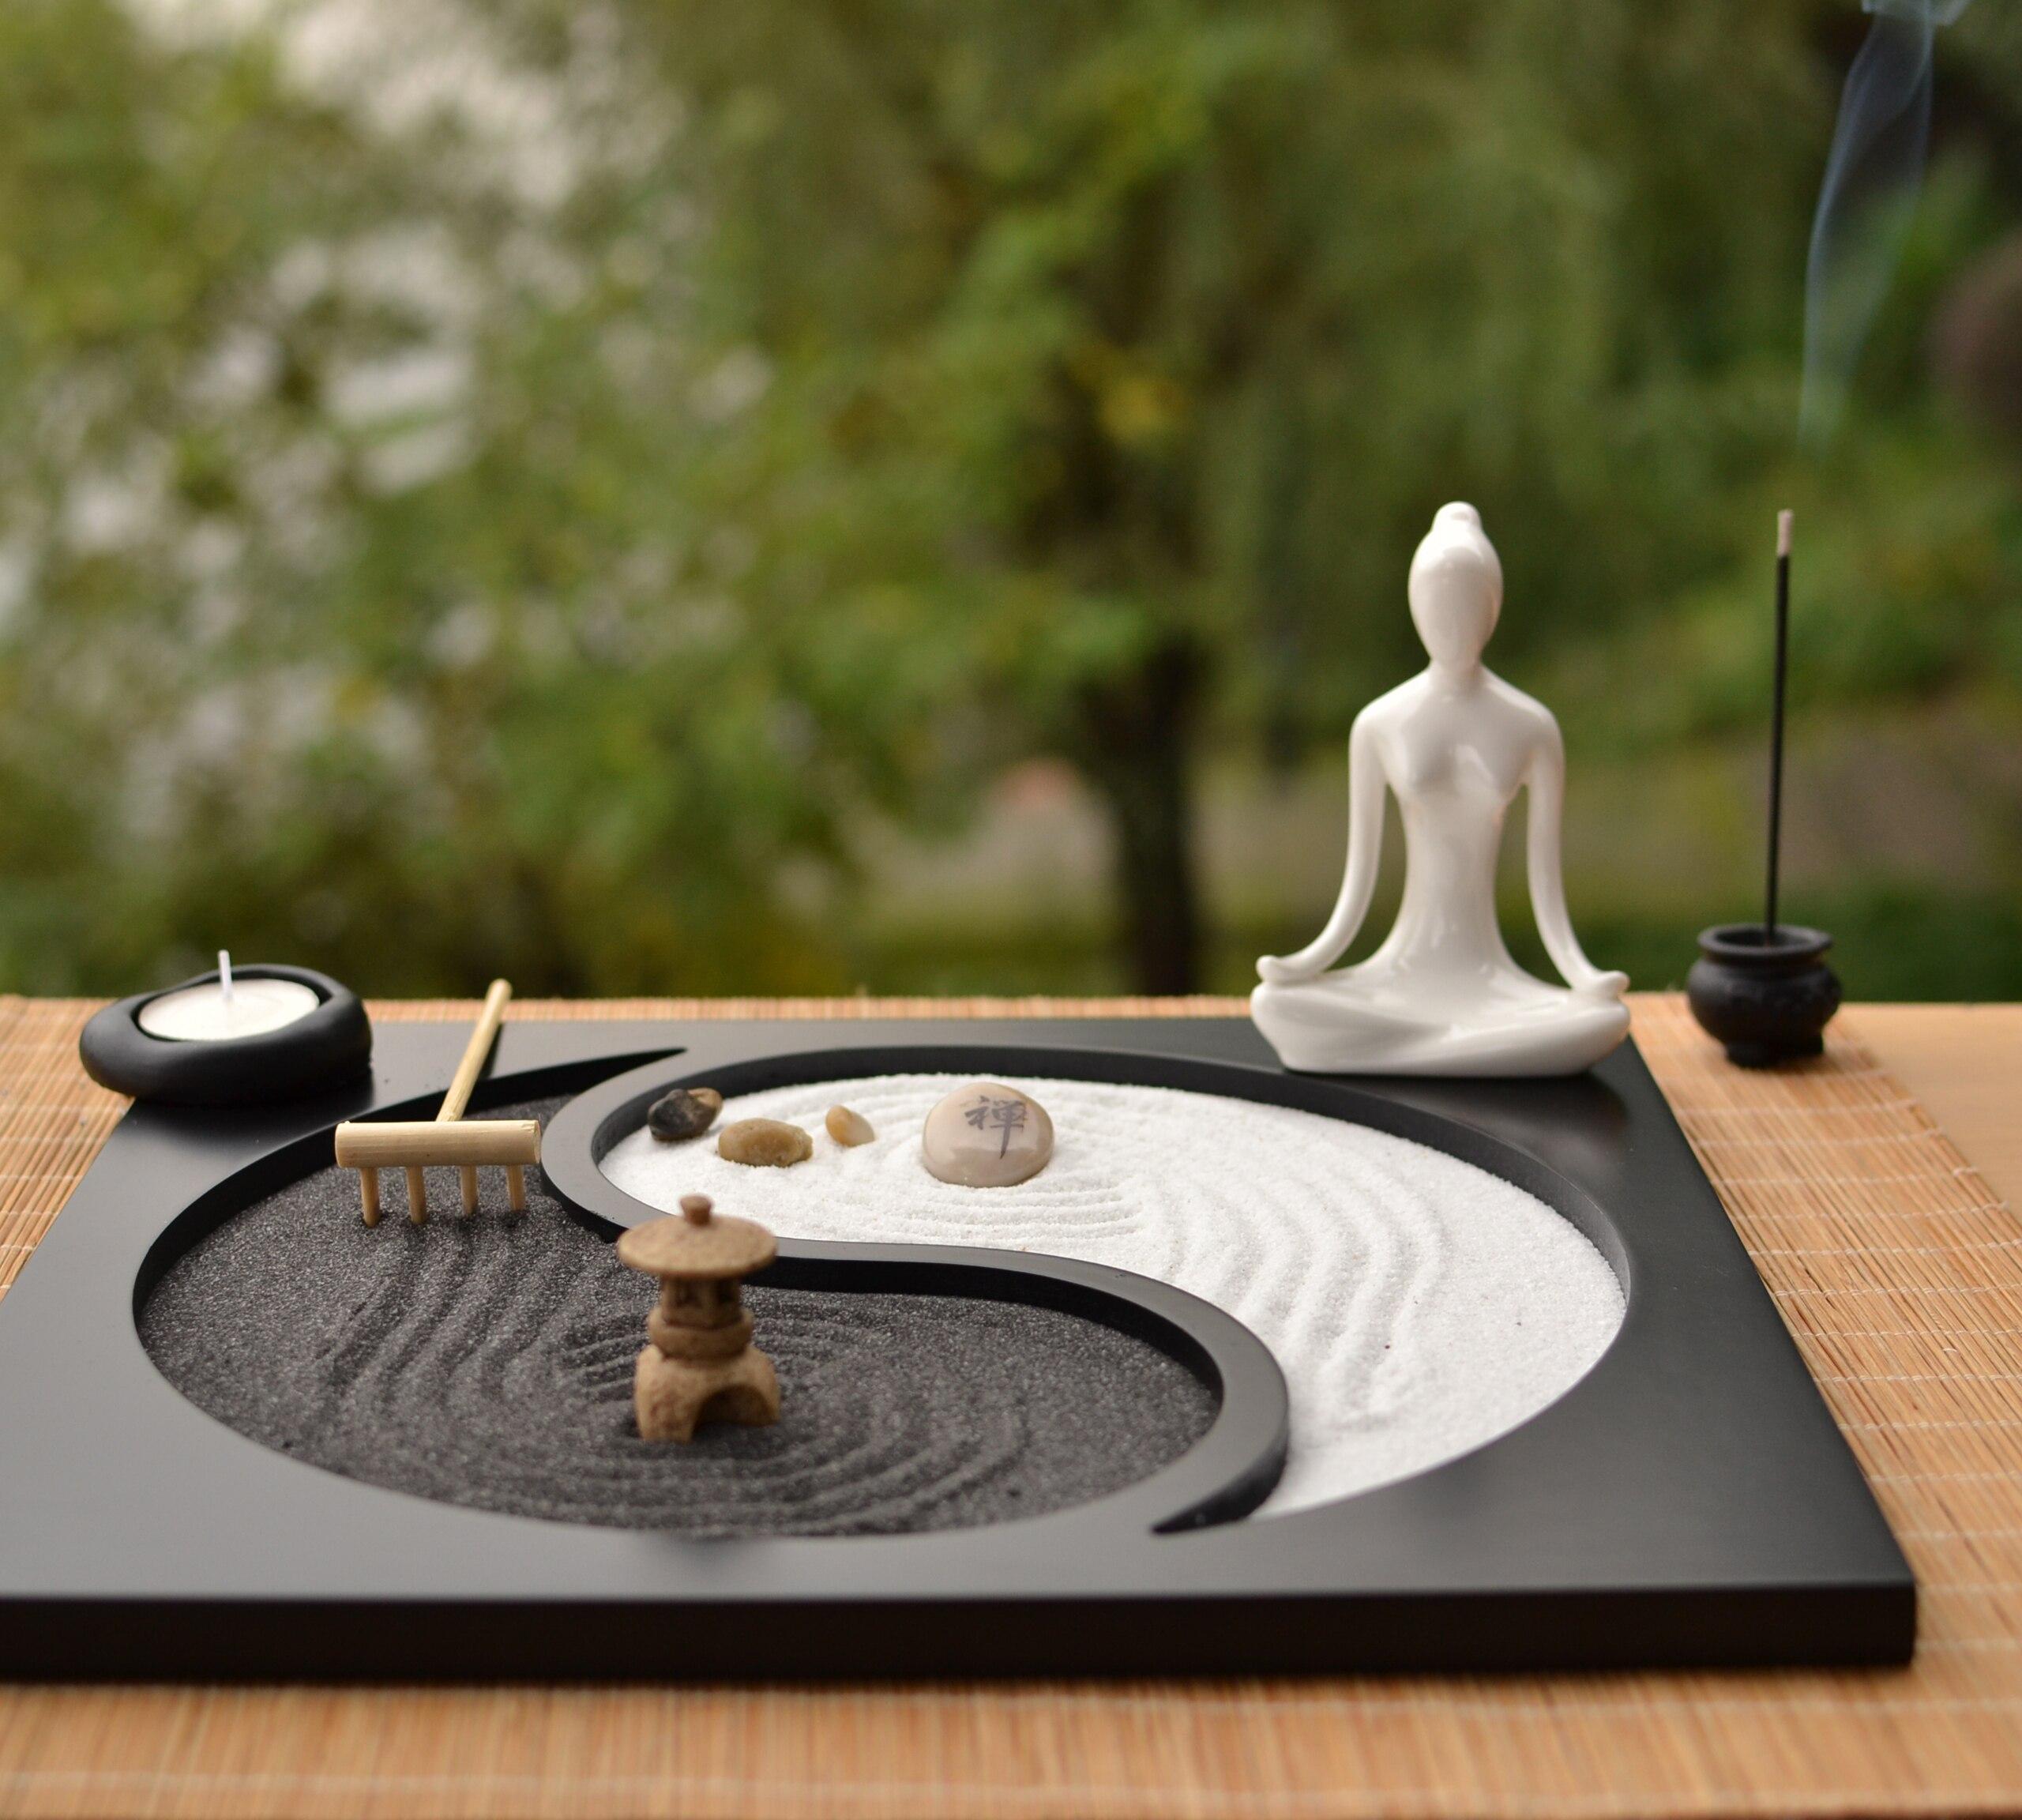 Japon Style artisanat en bois Jardin Zen Décoration figurine en résine Détendre Bouddhisme Encens Brûleur Sable Table décoration d'intérieur Artisanat